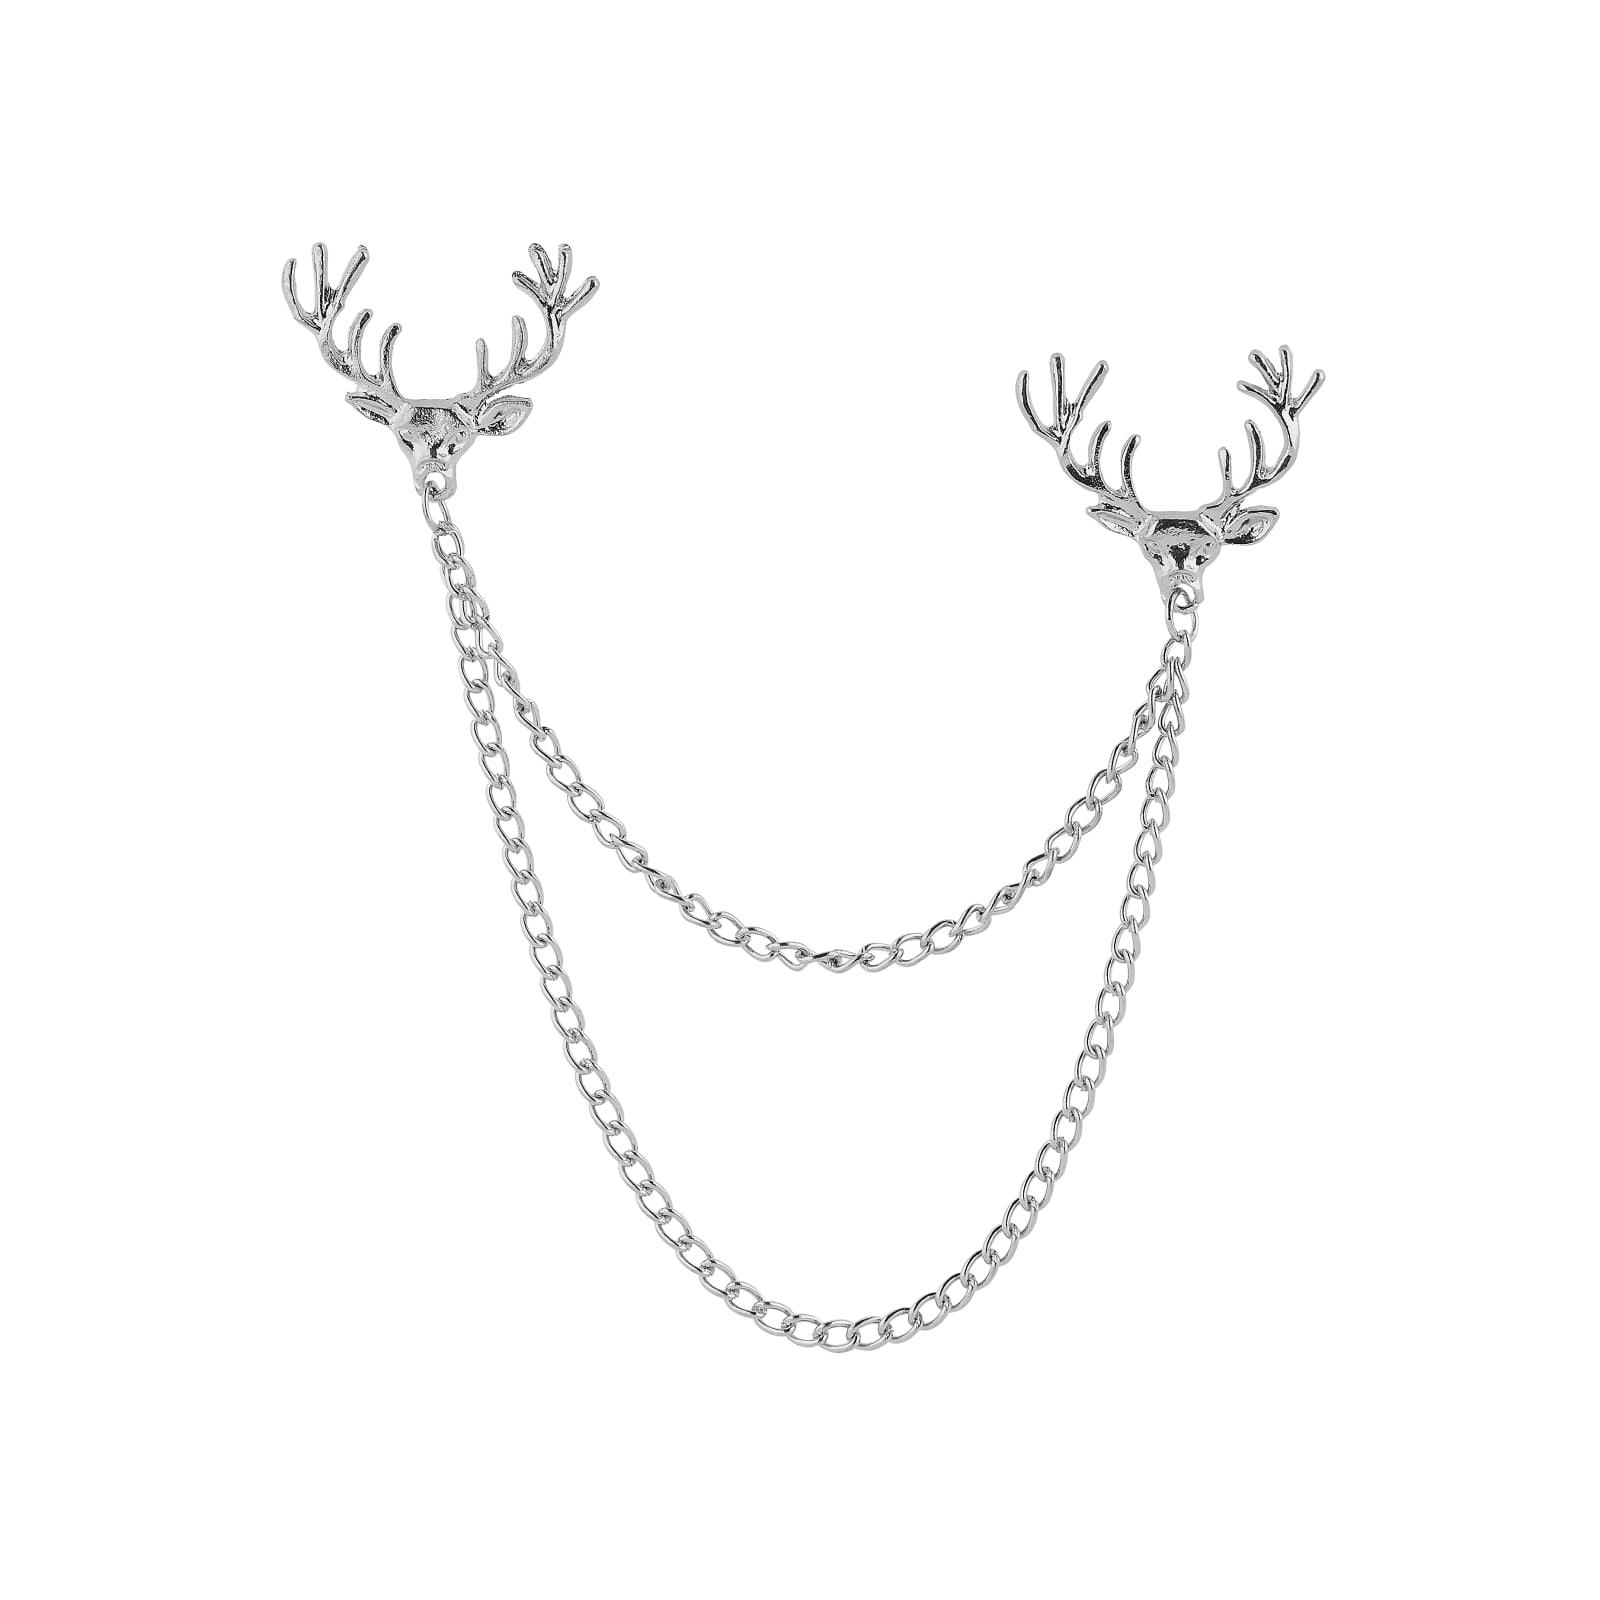 24216de6f488d8 Łańcuszek do kołnierzyka z motywem głowy jelenia w srebrnym tonie | W  sprzedaży! | Warren Asher